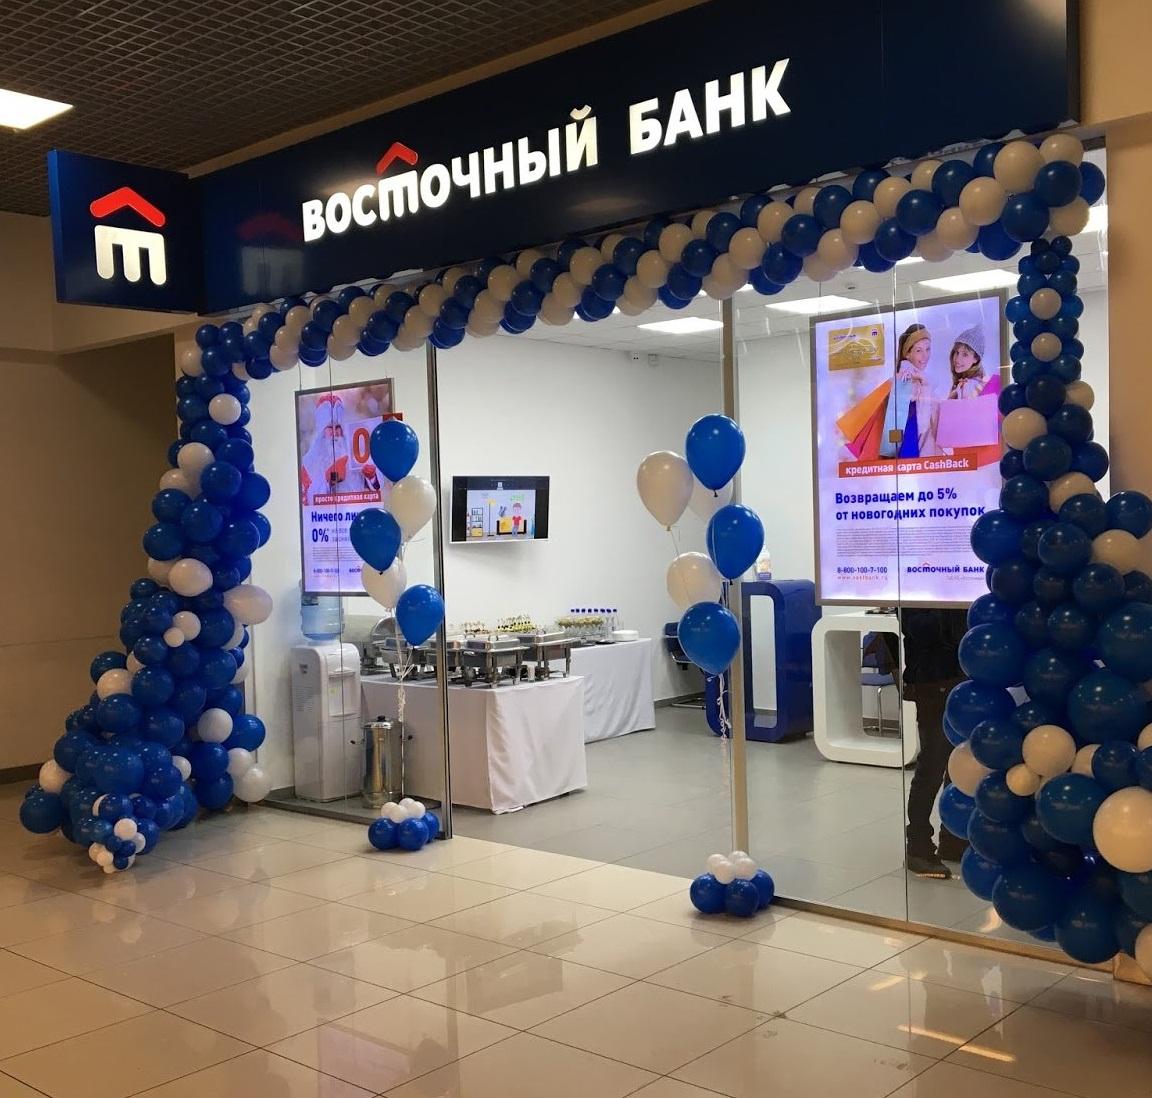 Банк восточный кредит форум